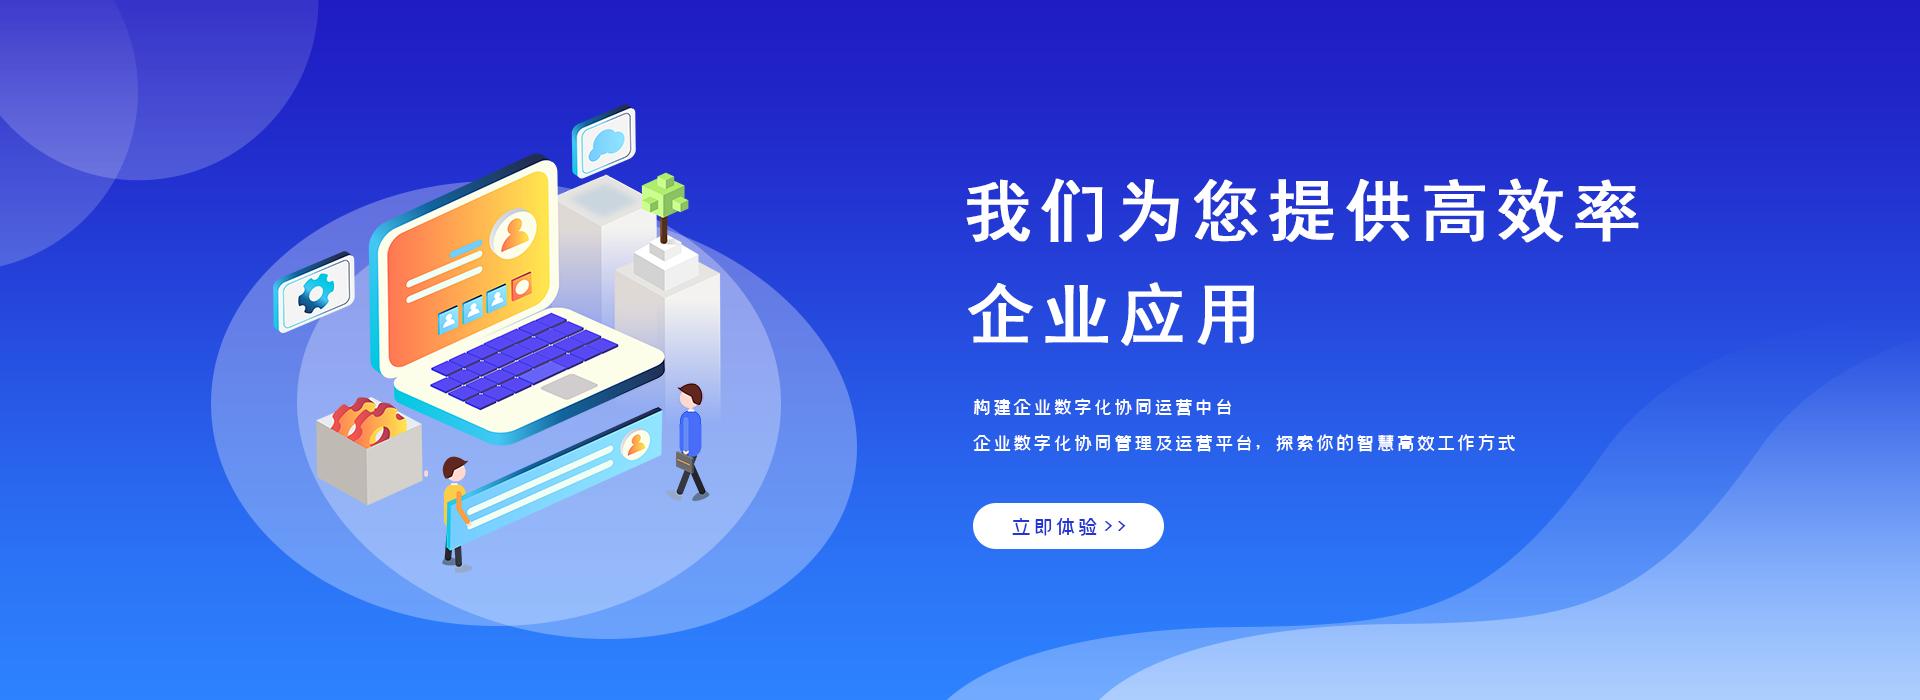 重庆企业应用